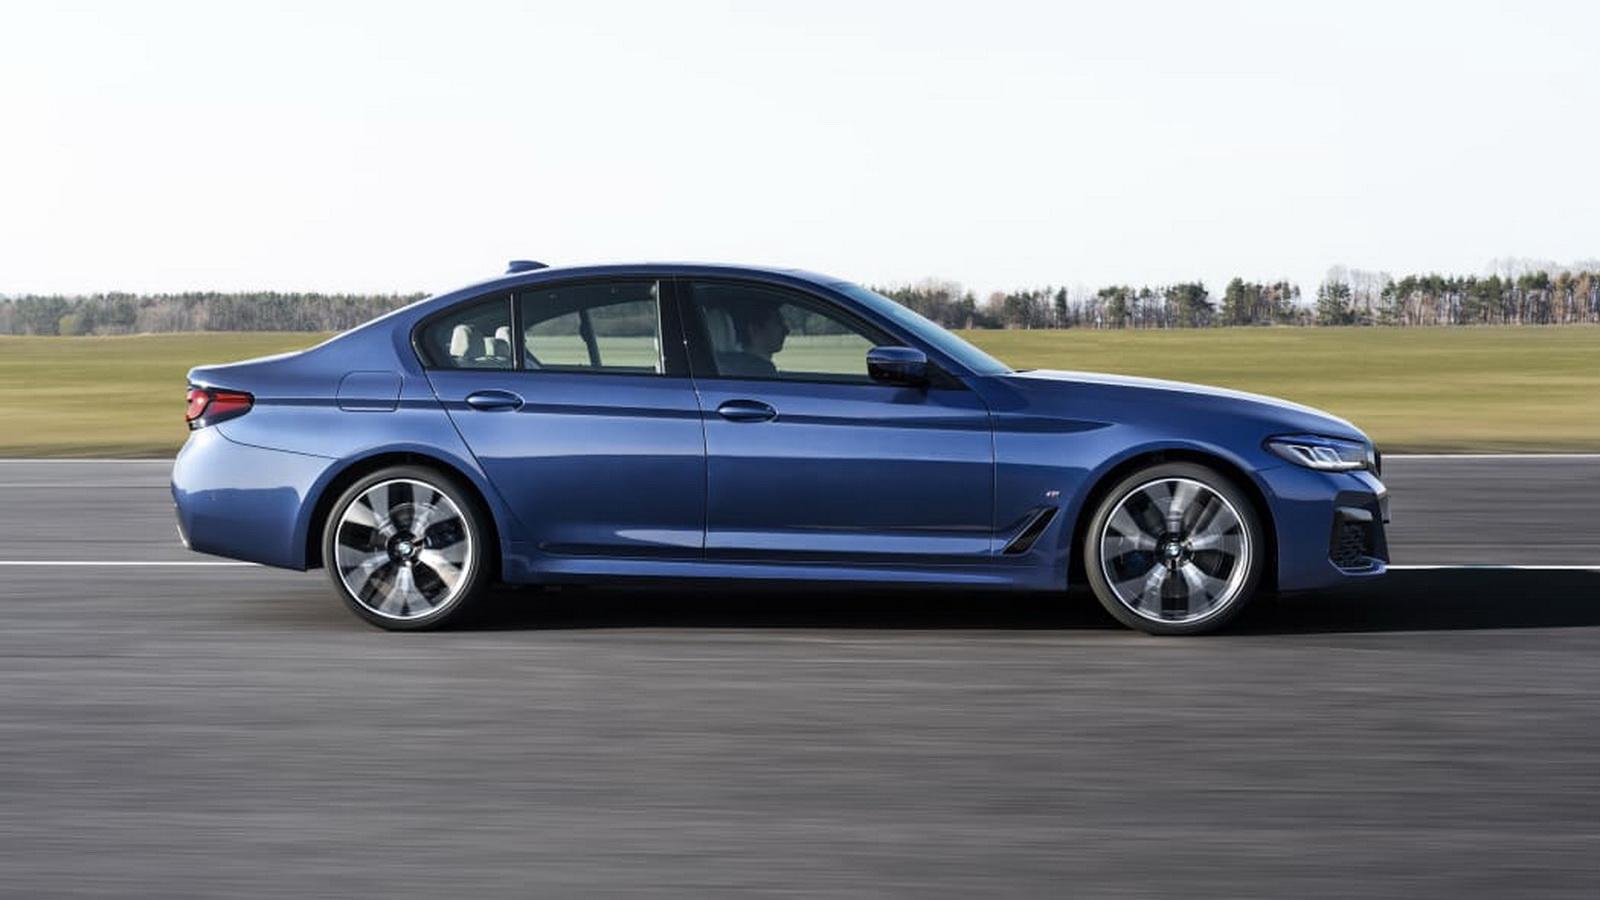 圖/雖然乍看之下看不出來,但2021 BMW 5系列外觀細節變化,使得車長比前代增加超過一英寸。